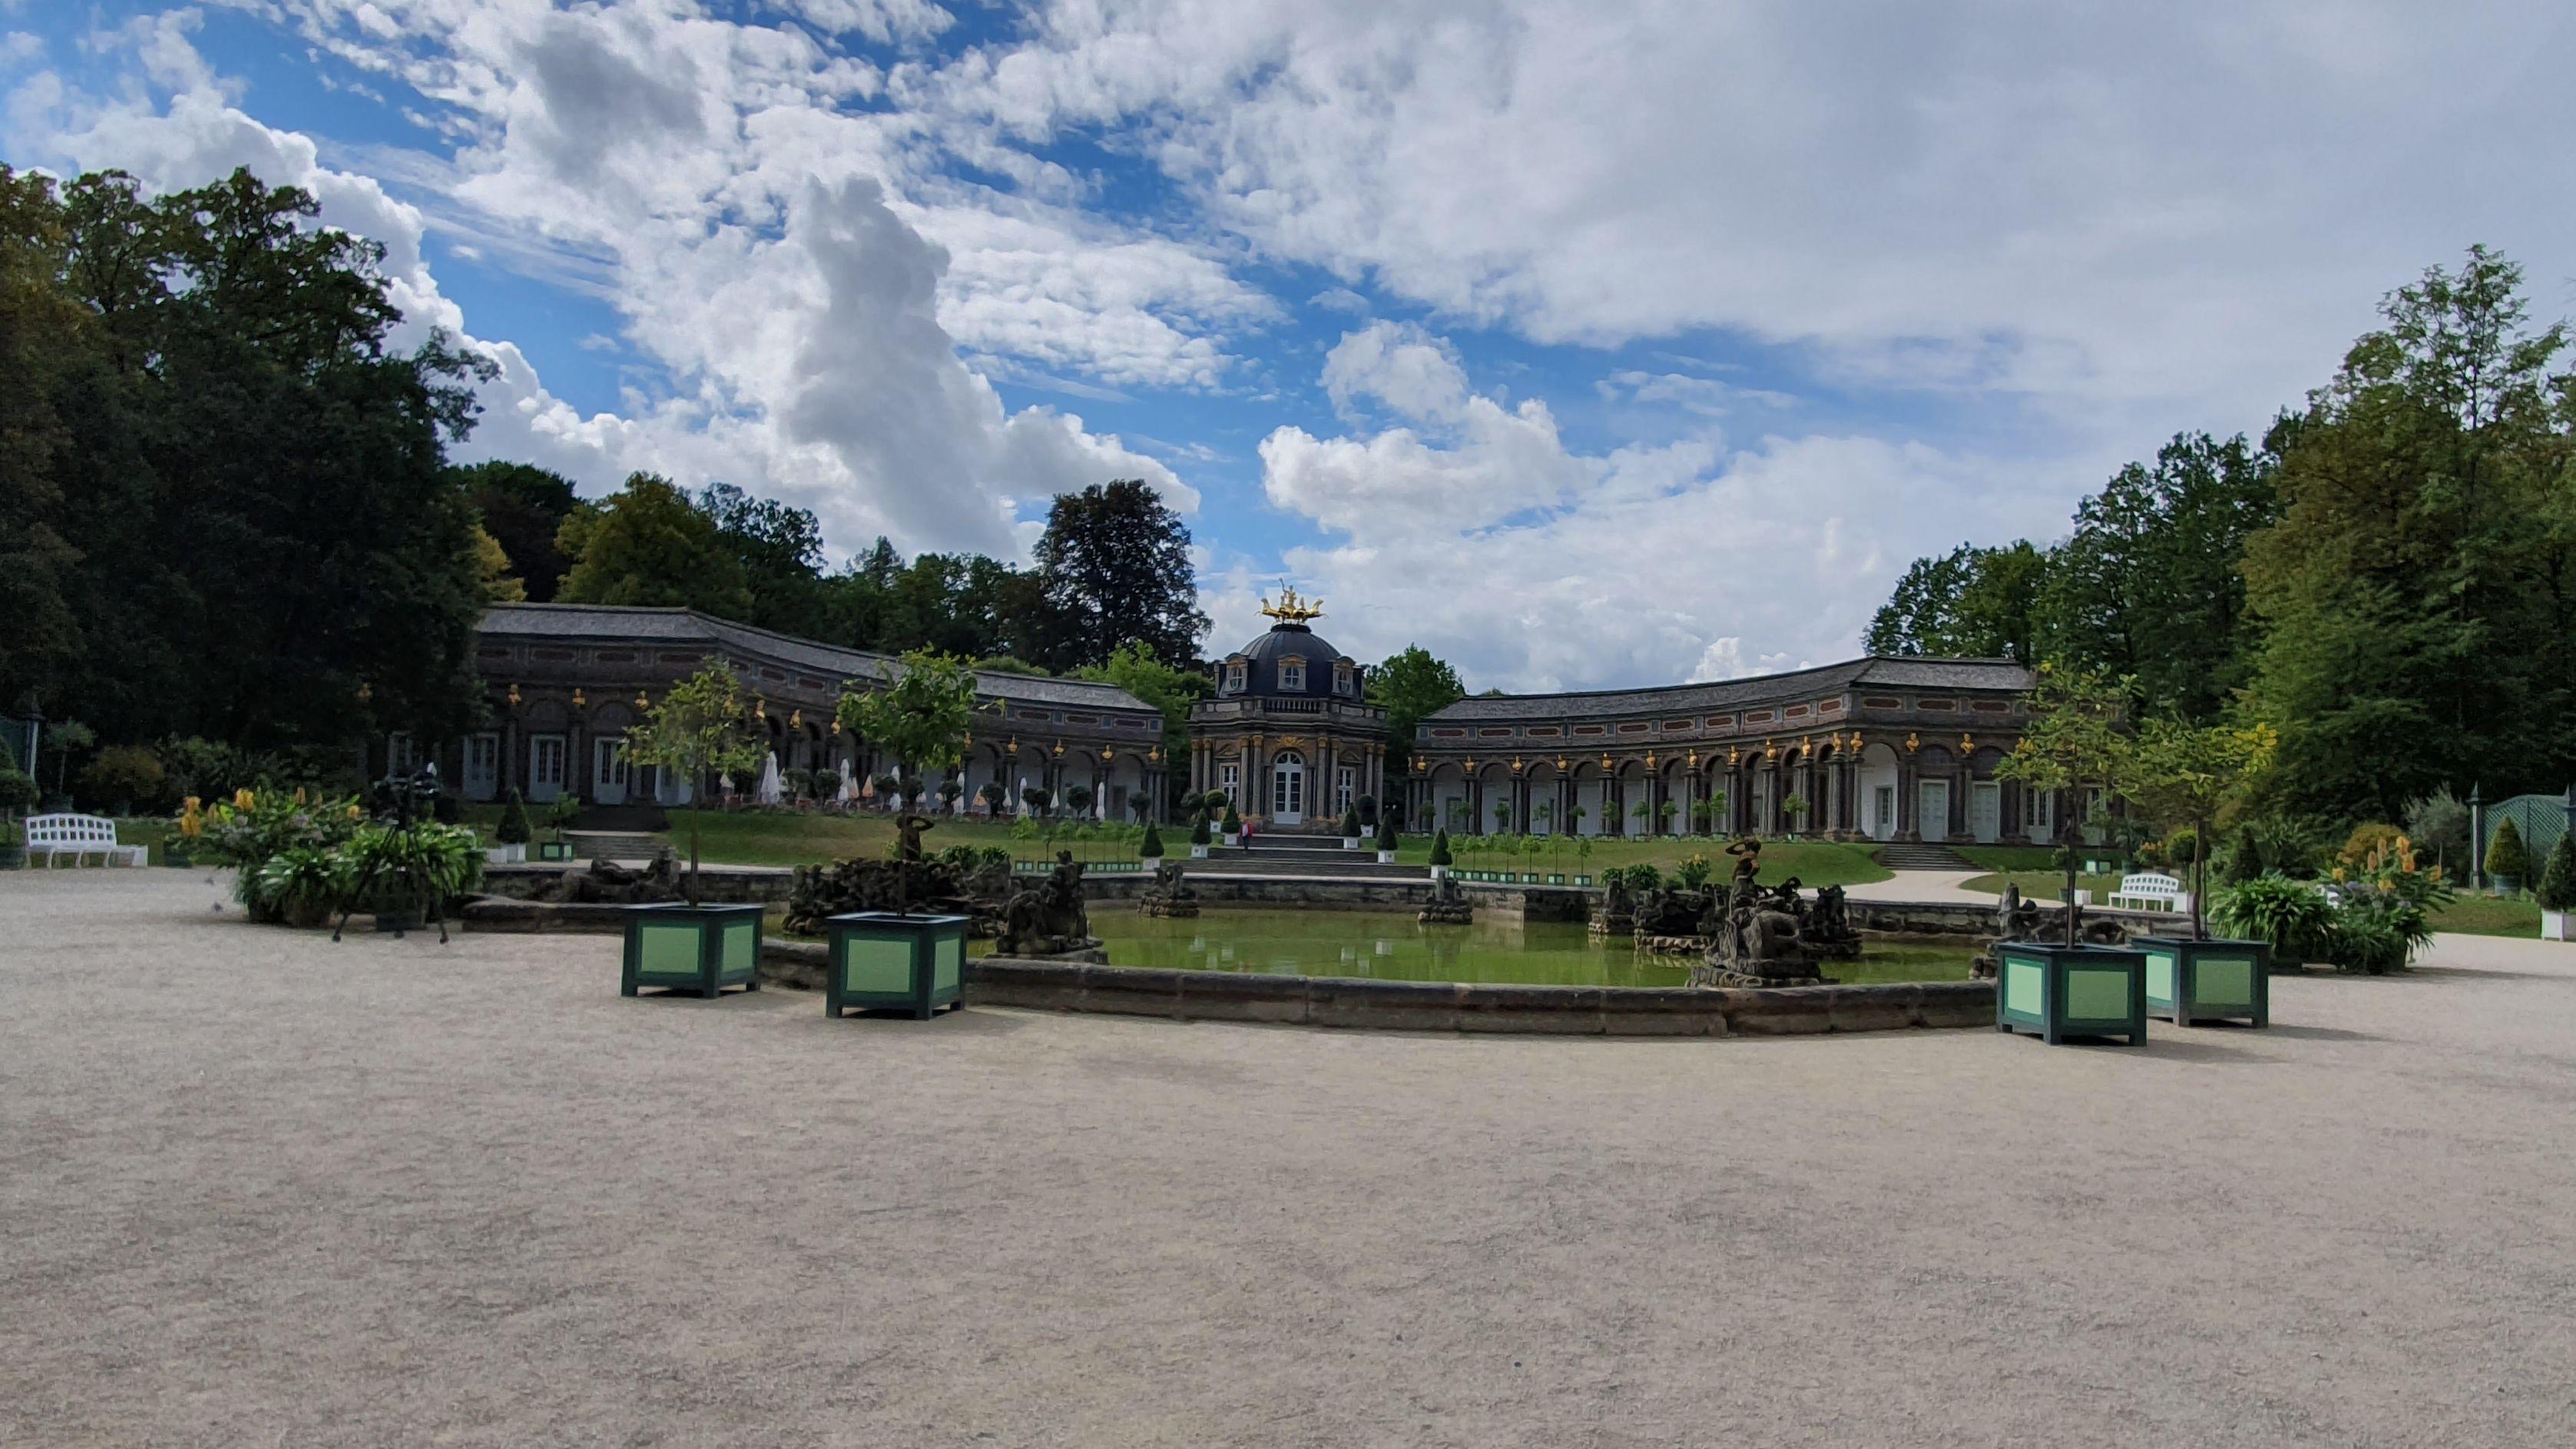 Neues Schloss, Eremitage in Bayreuth